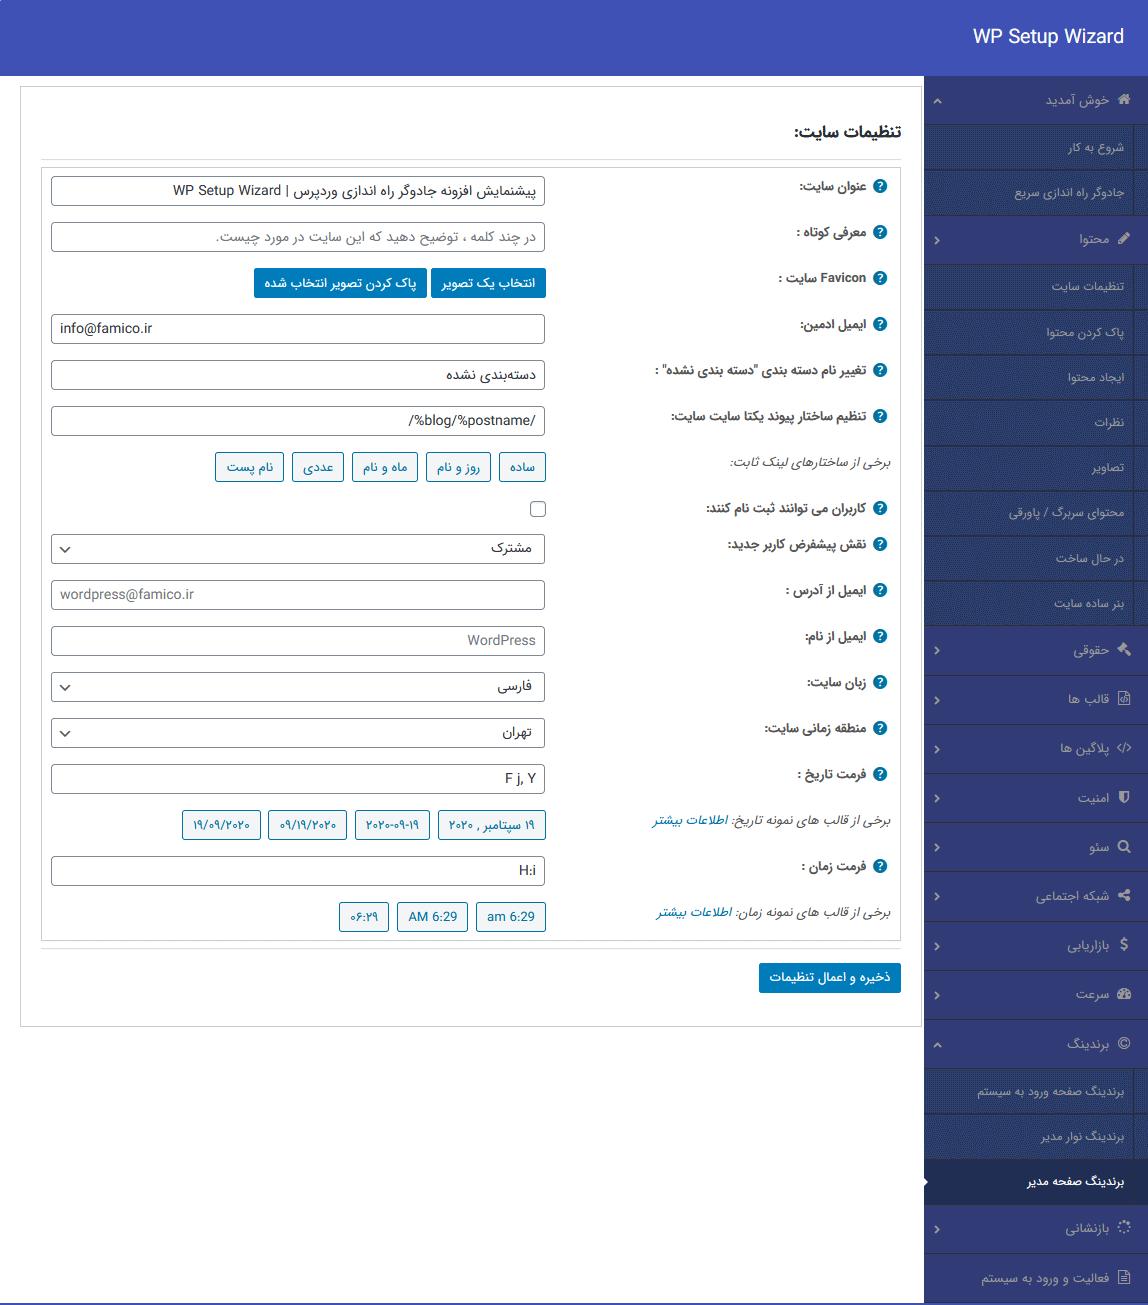 تنظیمات سایت افزونه WP Setup Wizard